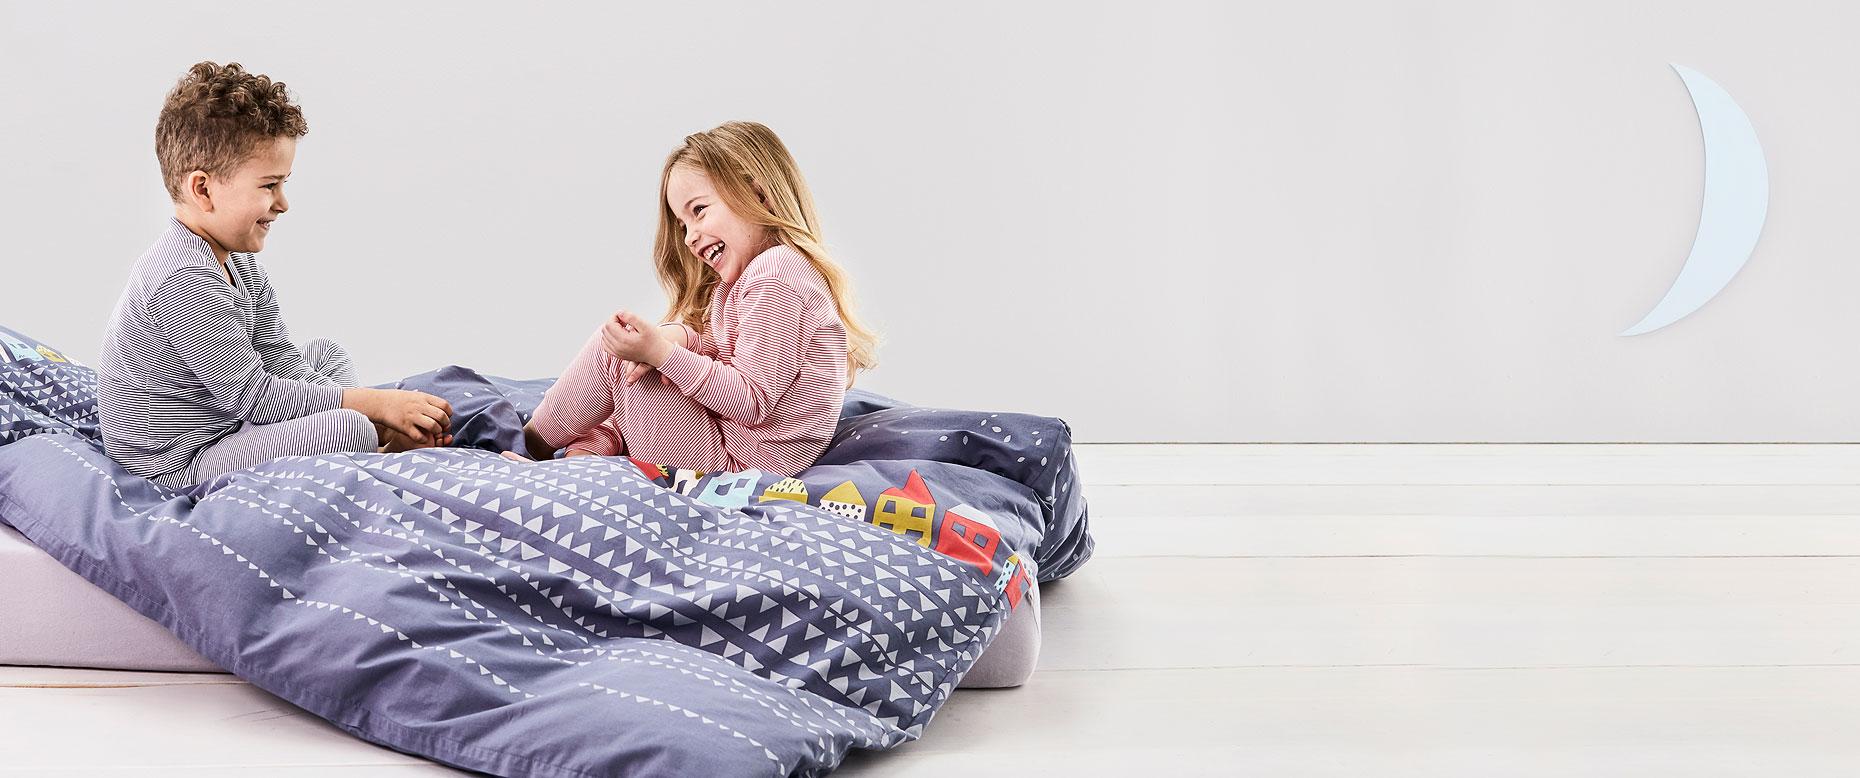 matratzen beratung welche matratze ist die richtige f r. Black Bedroom Furniture Sets. Home Design Ideas